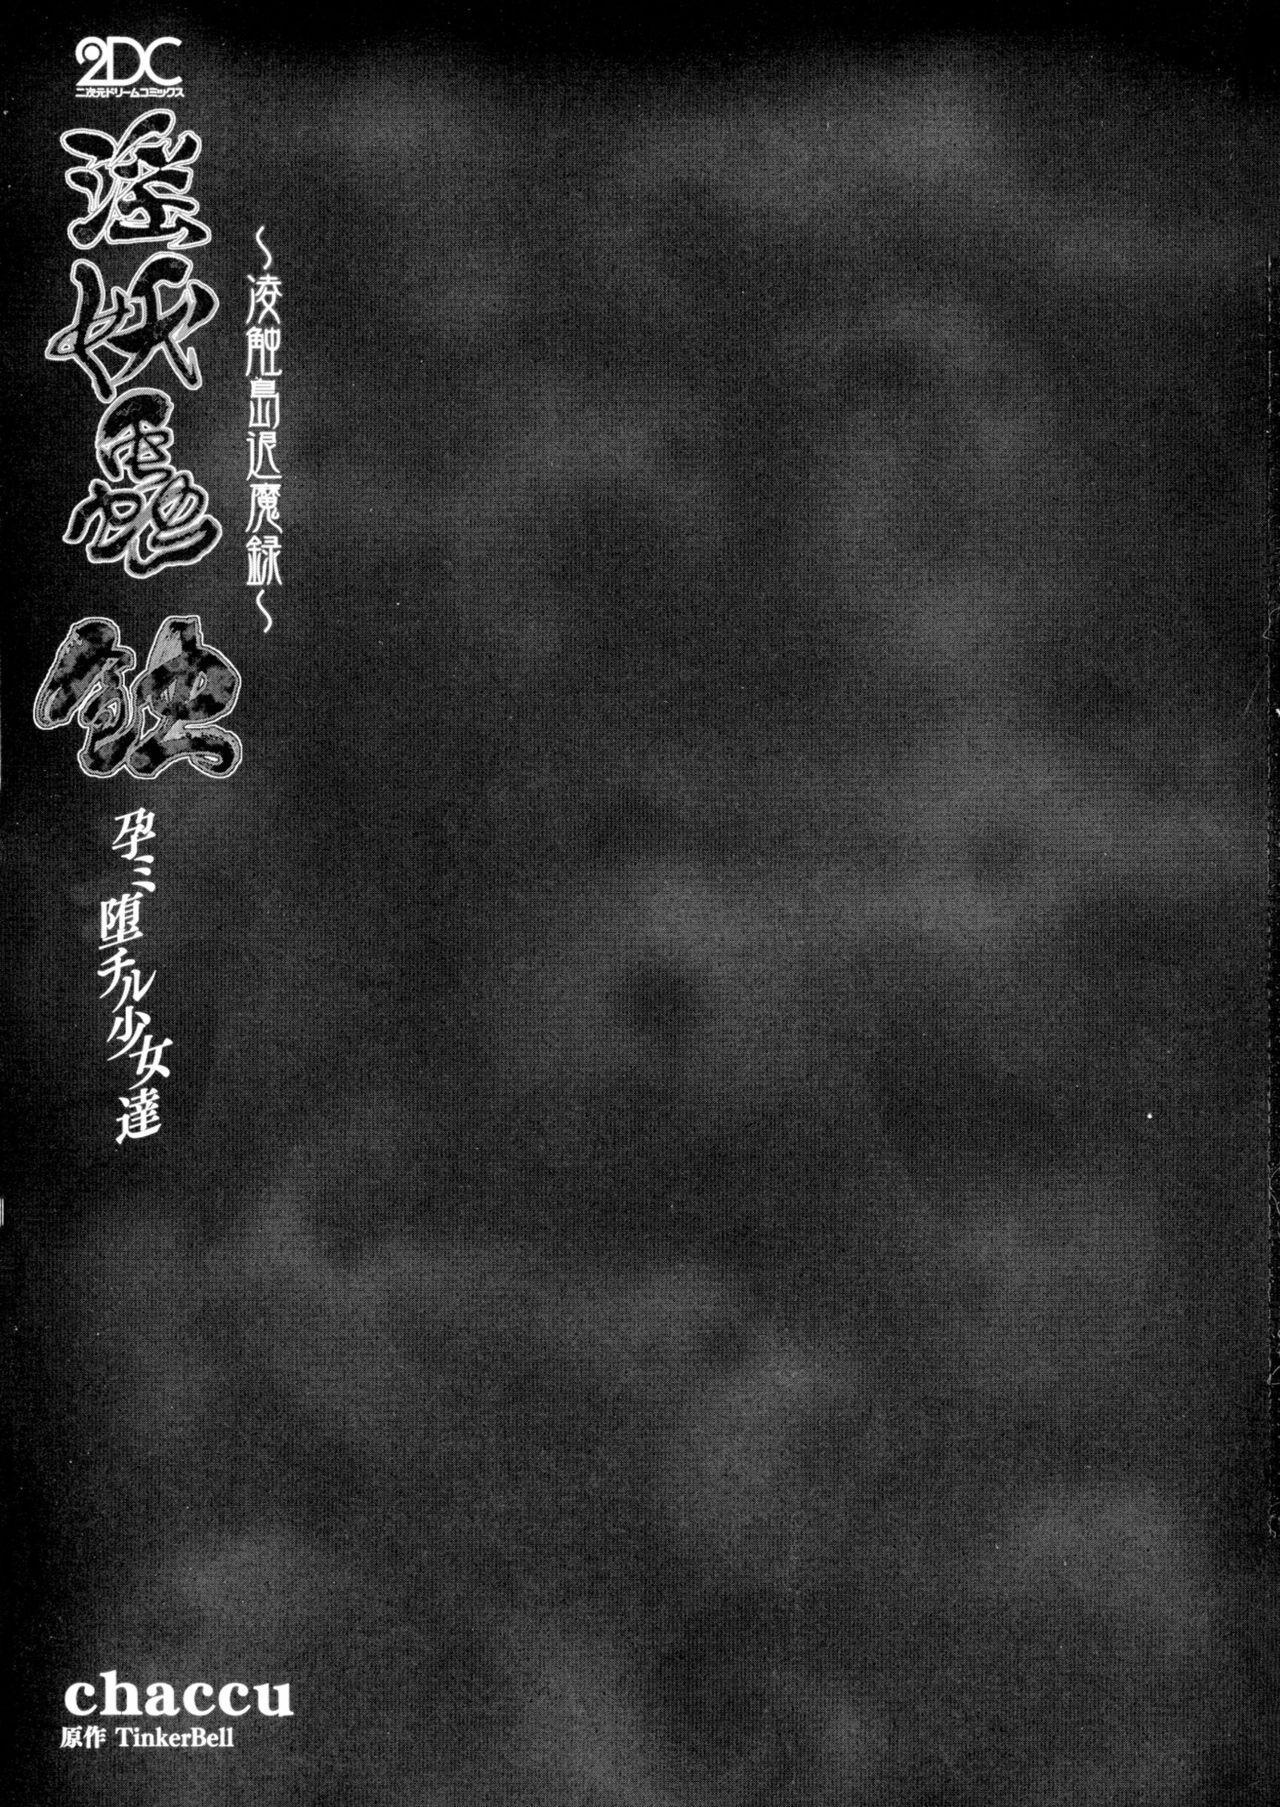 [chaccu, TinkerBell] Inyouchuu Shoku ~Ryoushokutou Taimaroku~ Harami Ochiru Shoujo-tachi Ch. 1-4 [English] [progste] 2